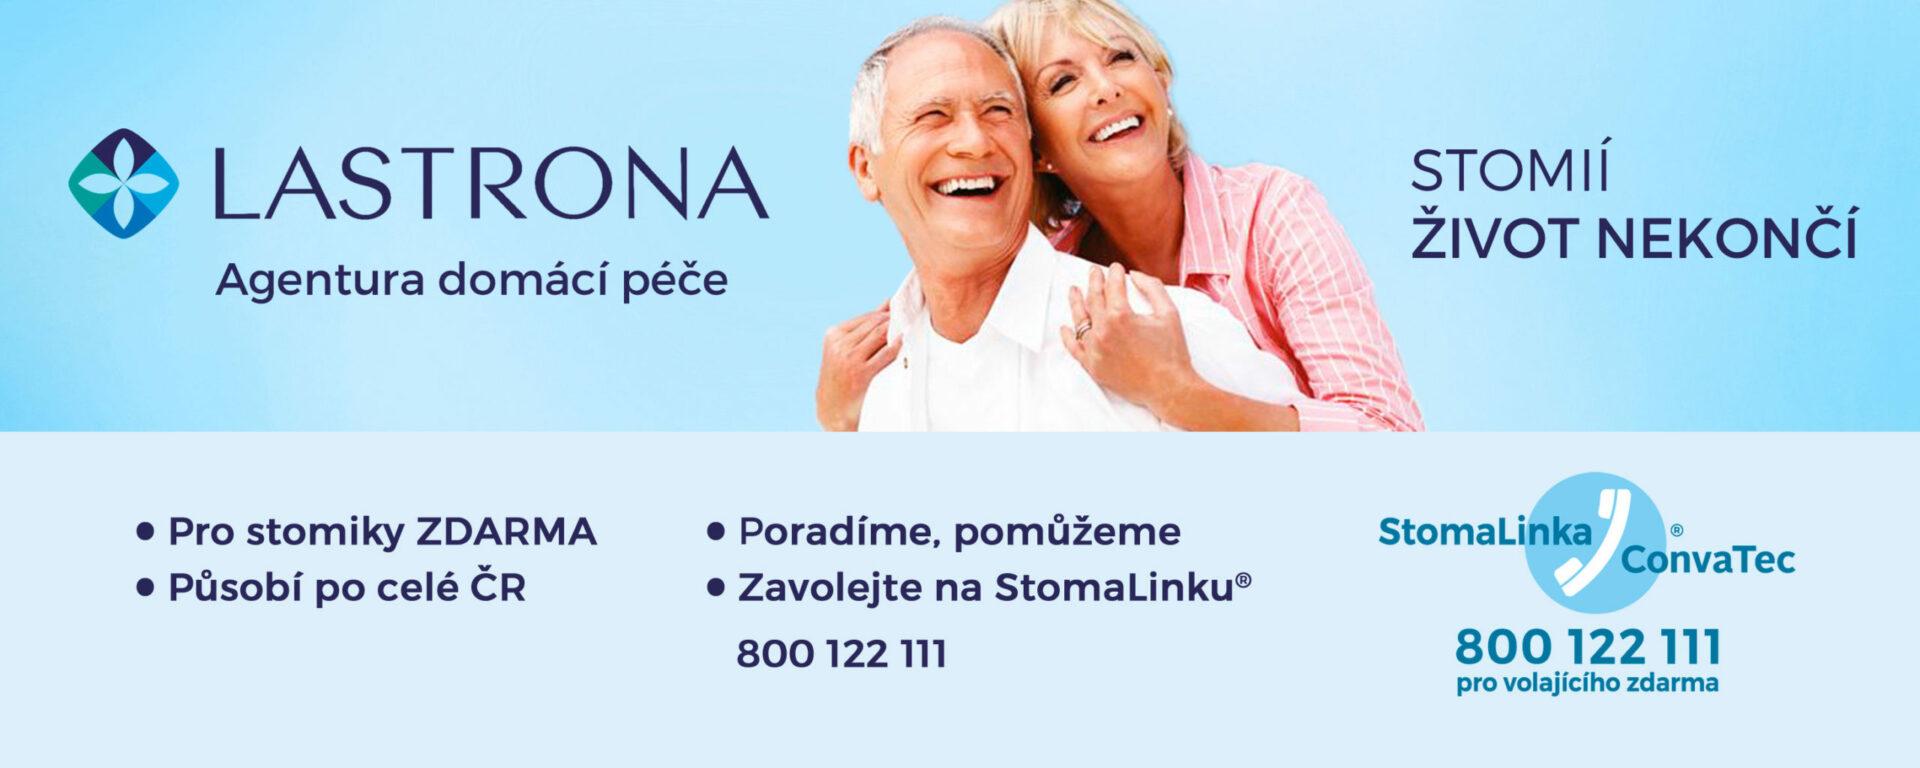 Banner: LASTRONA – Agentura domácí péče pro stomiky